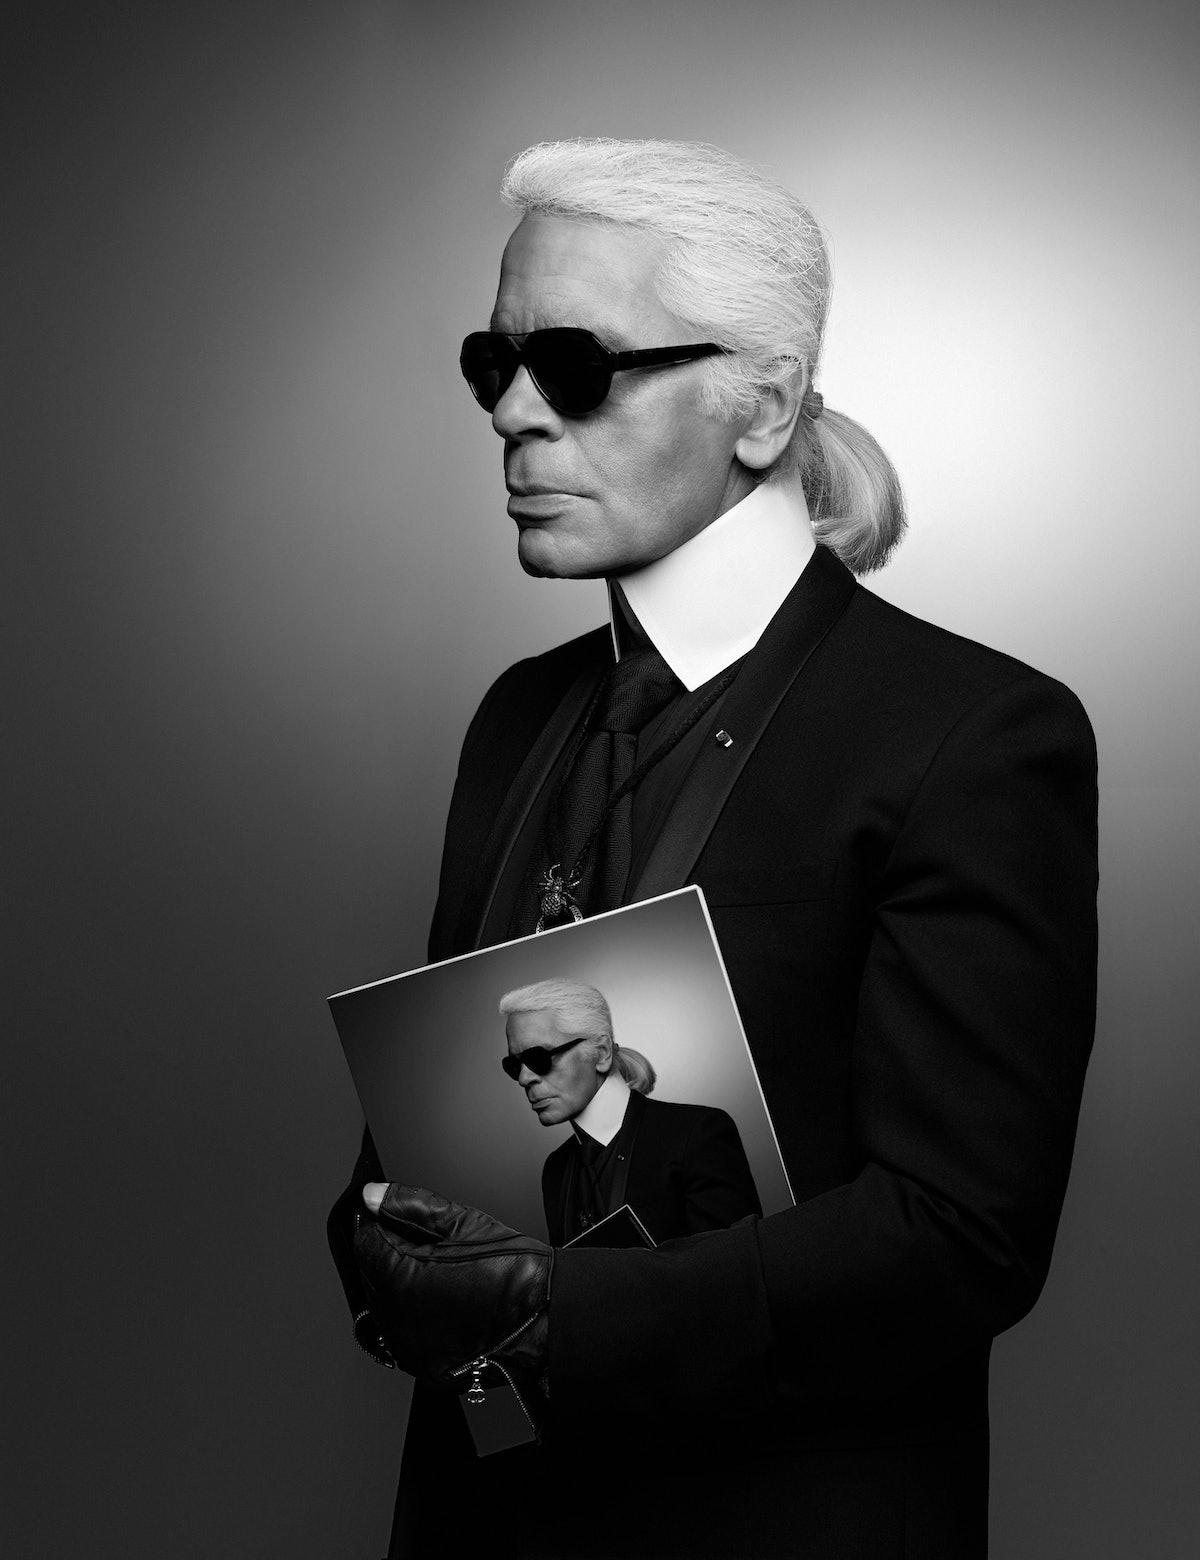 Karl Lagerfeld at Pitti Uomo